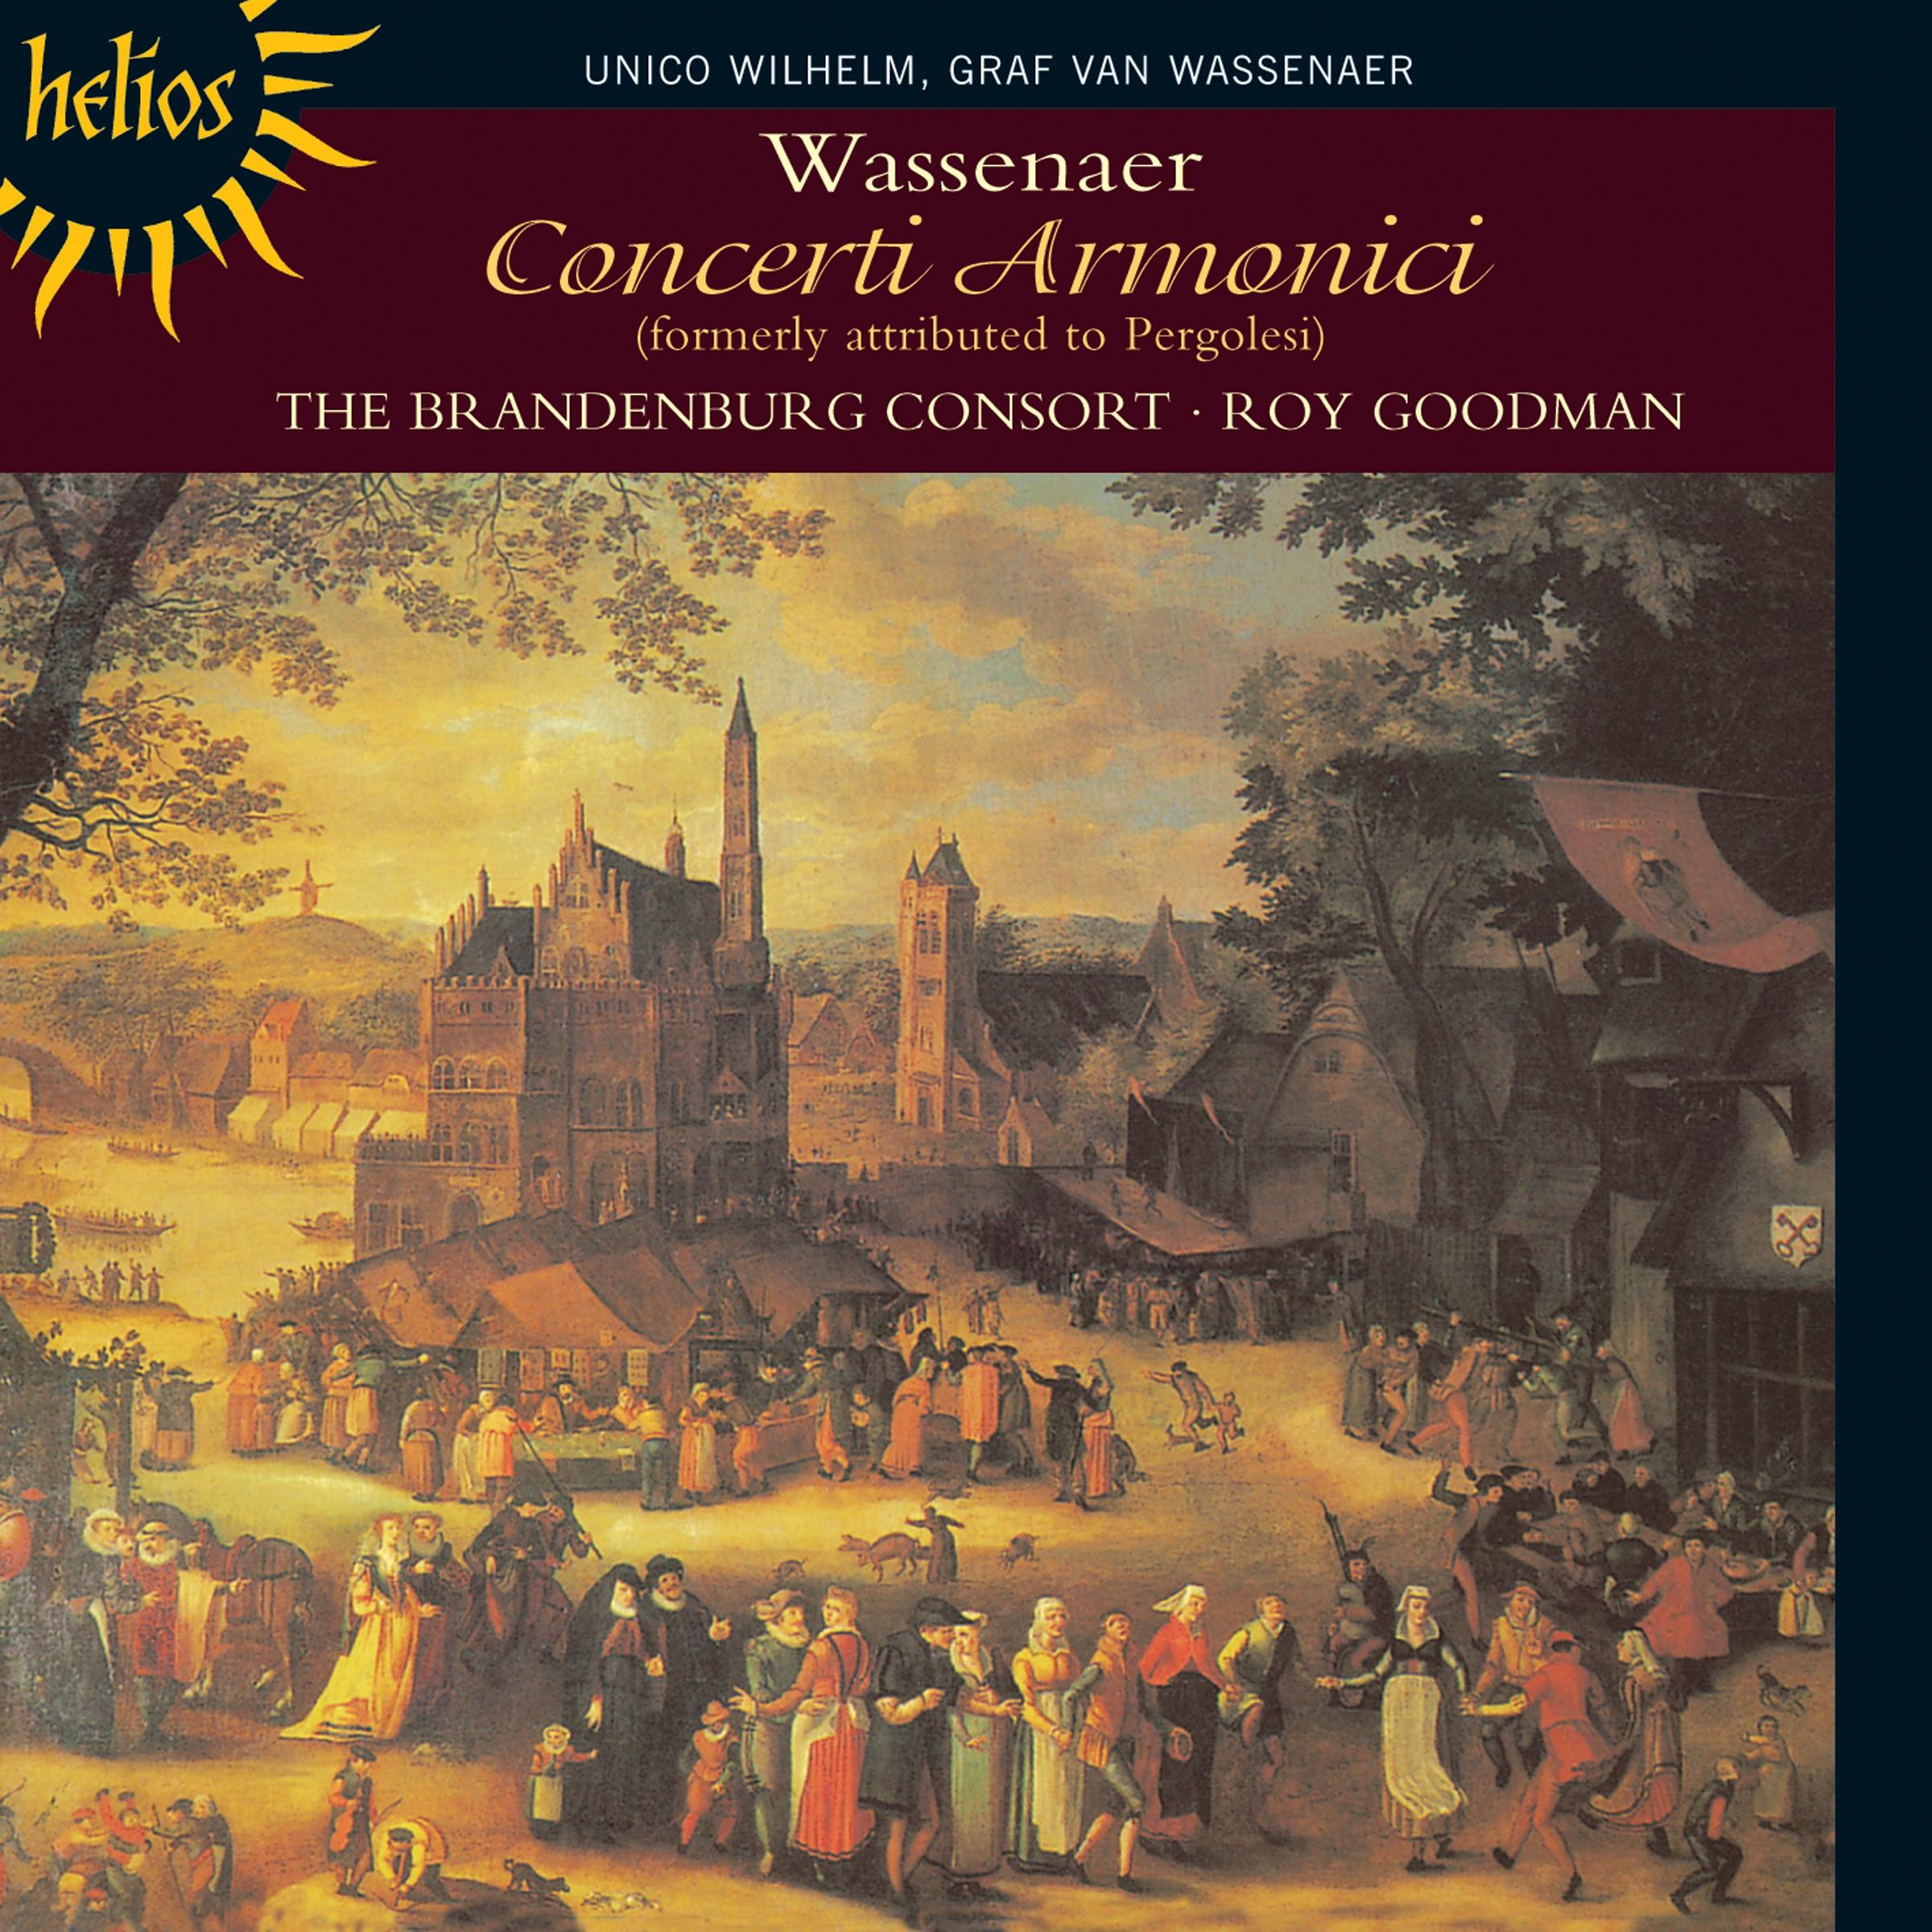 Concerto No. 5 in F Minor: III. Con sordini